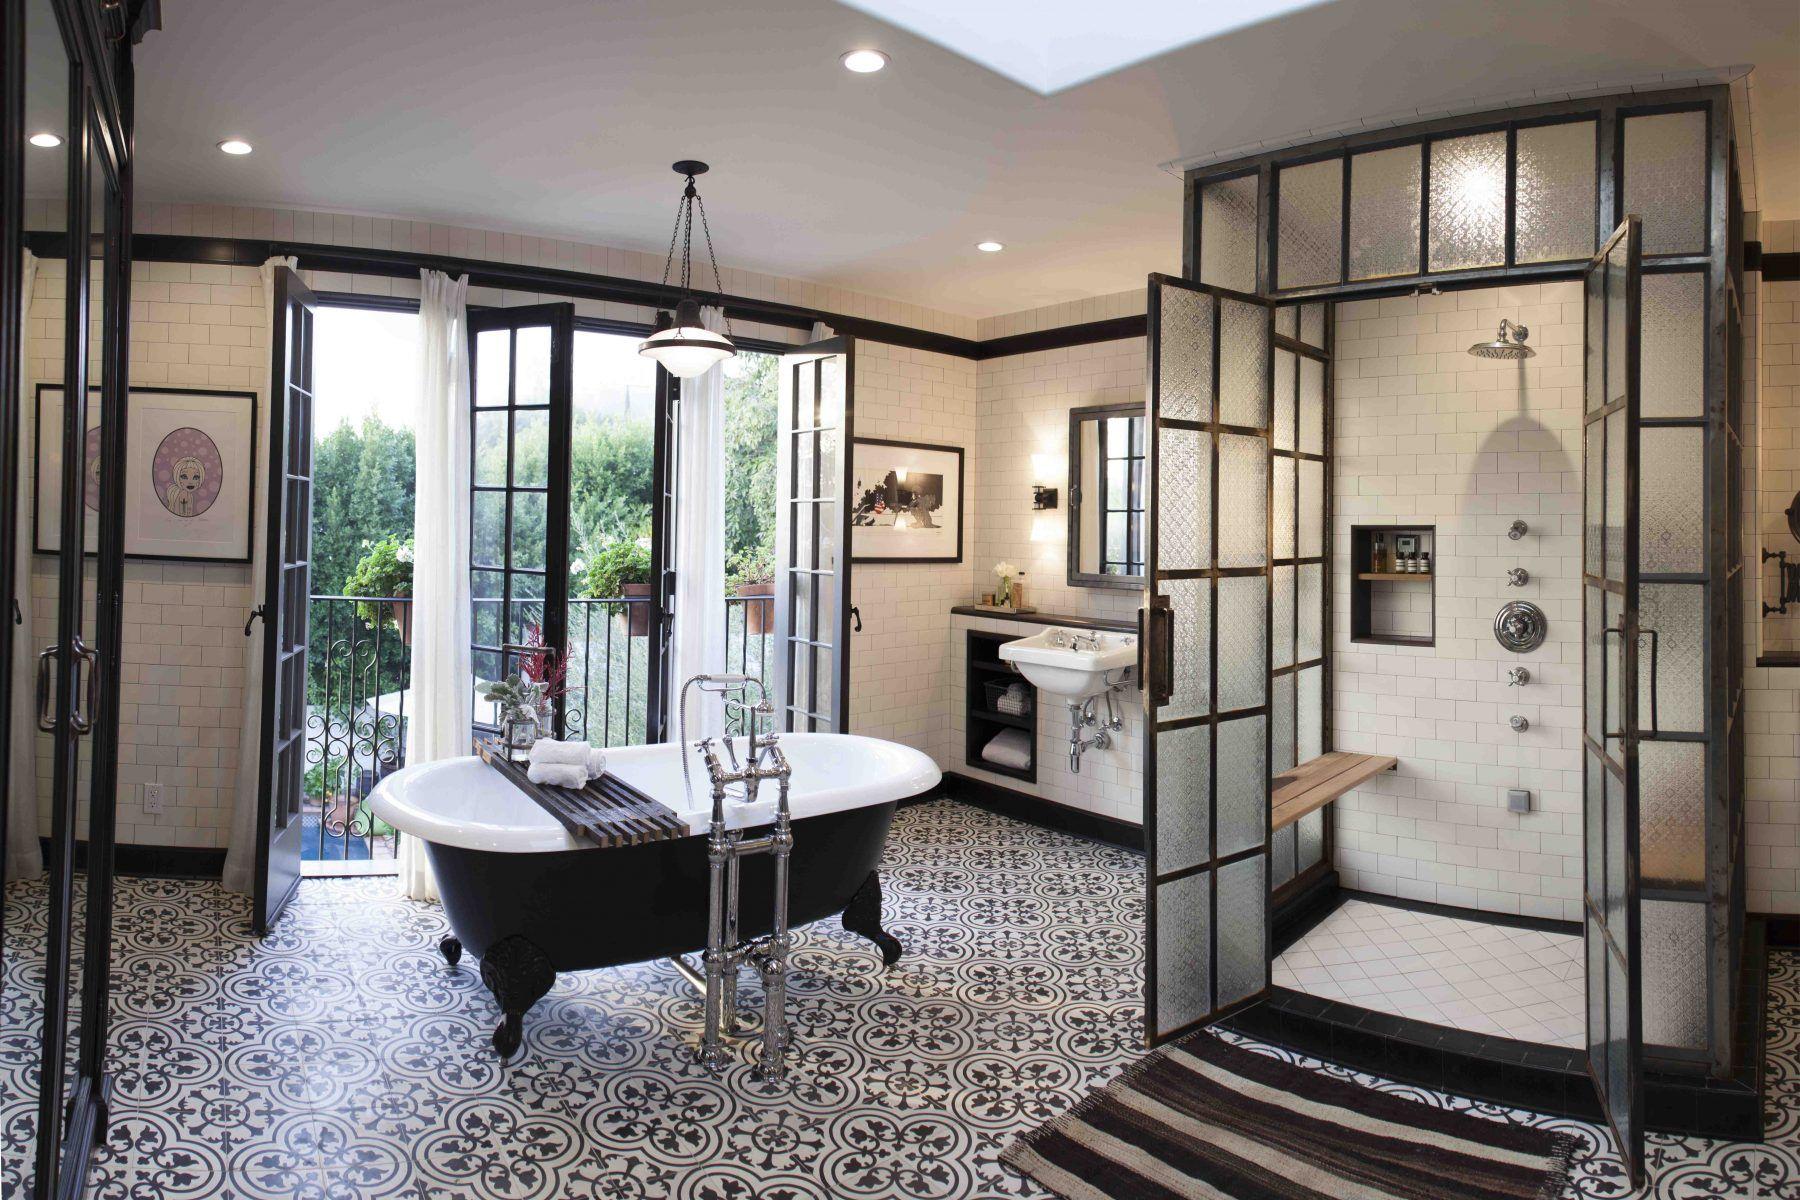 Los Feliz deirdre doherty interiors interior design – Bathroom Design Los Angeles